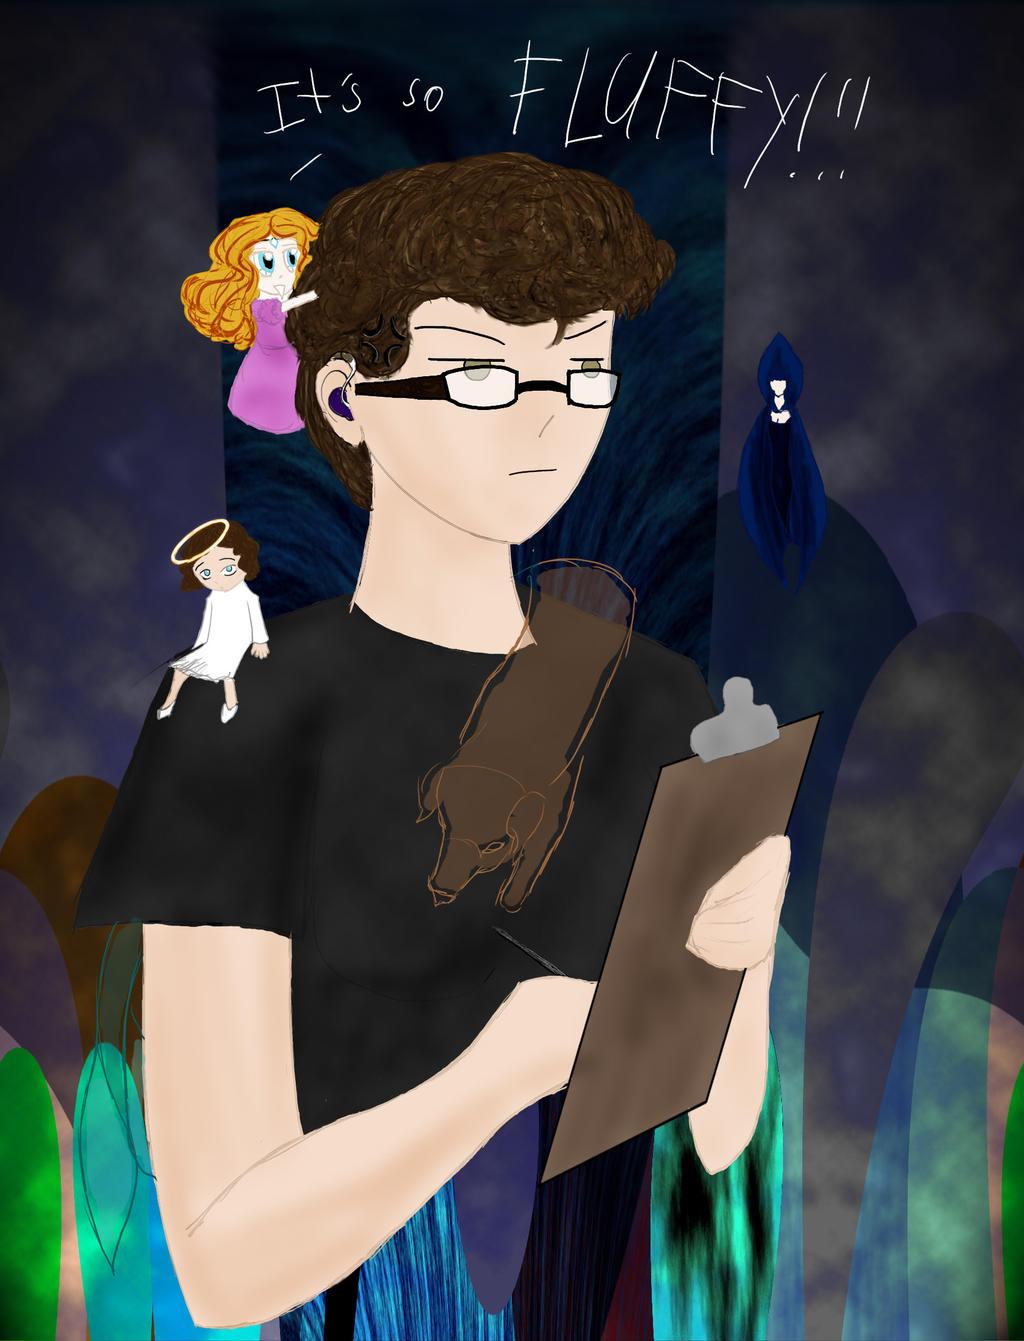 forestfairyunicorn's Profile Picture